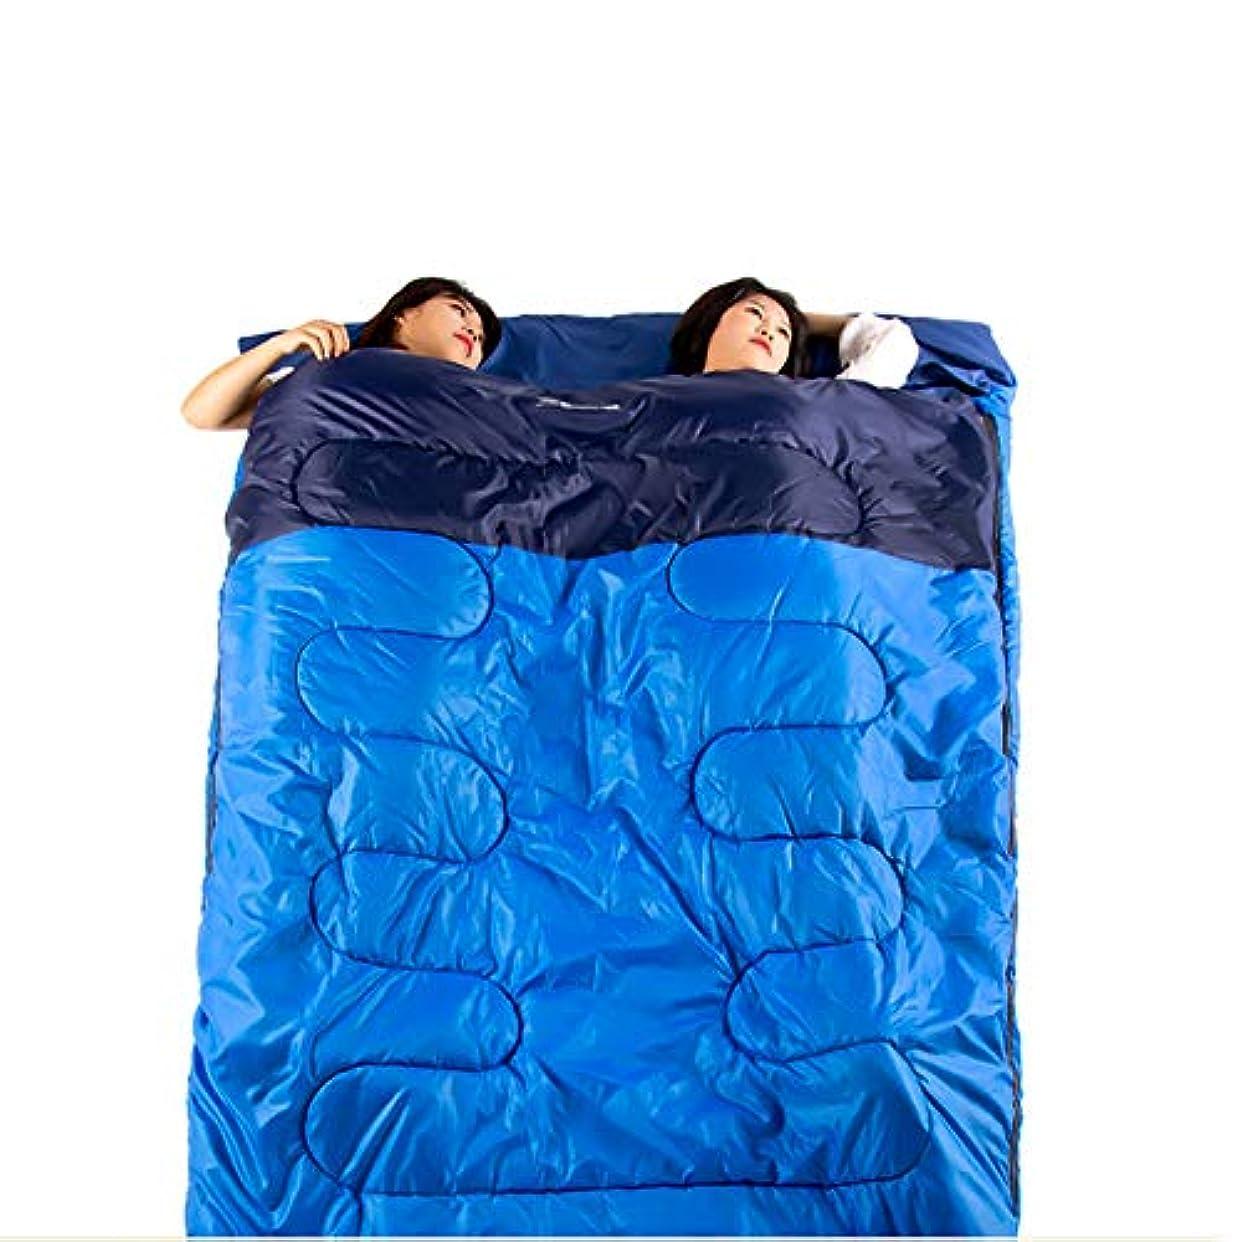 れる新着原油ダブル寝袋, 暖かい秋冬キャンプ睡眠袋大人愛好家防水睡眠袋コンパクト通気性特大のスリーピングパッドキャンプ屋外活動,blue,220*145cm